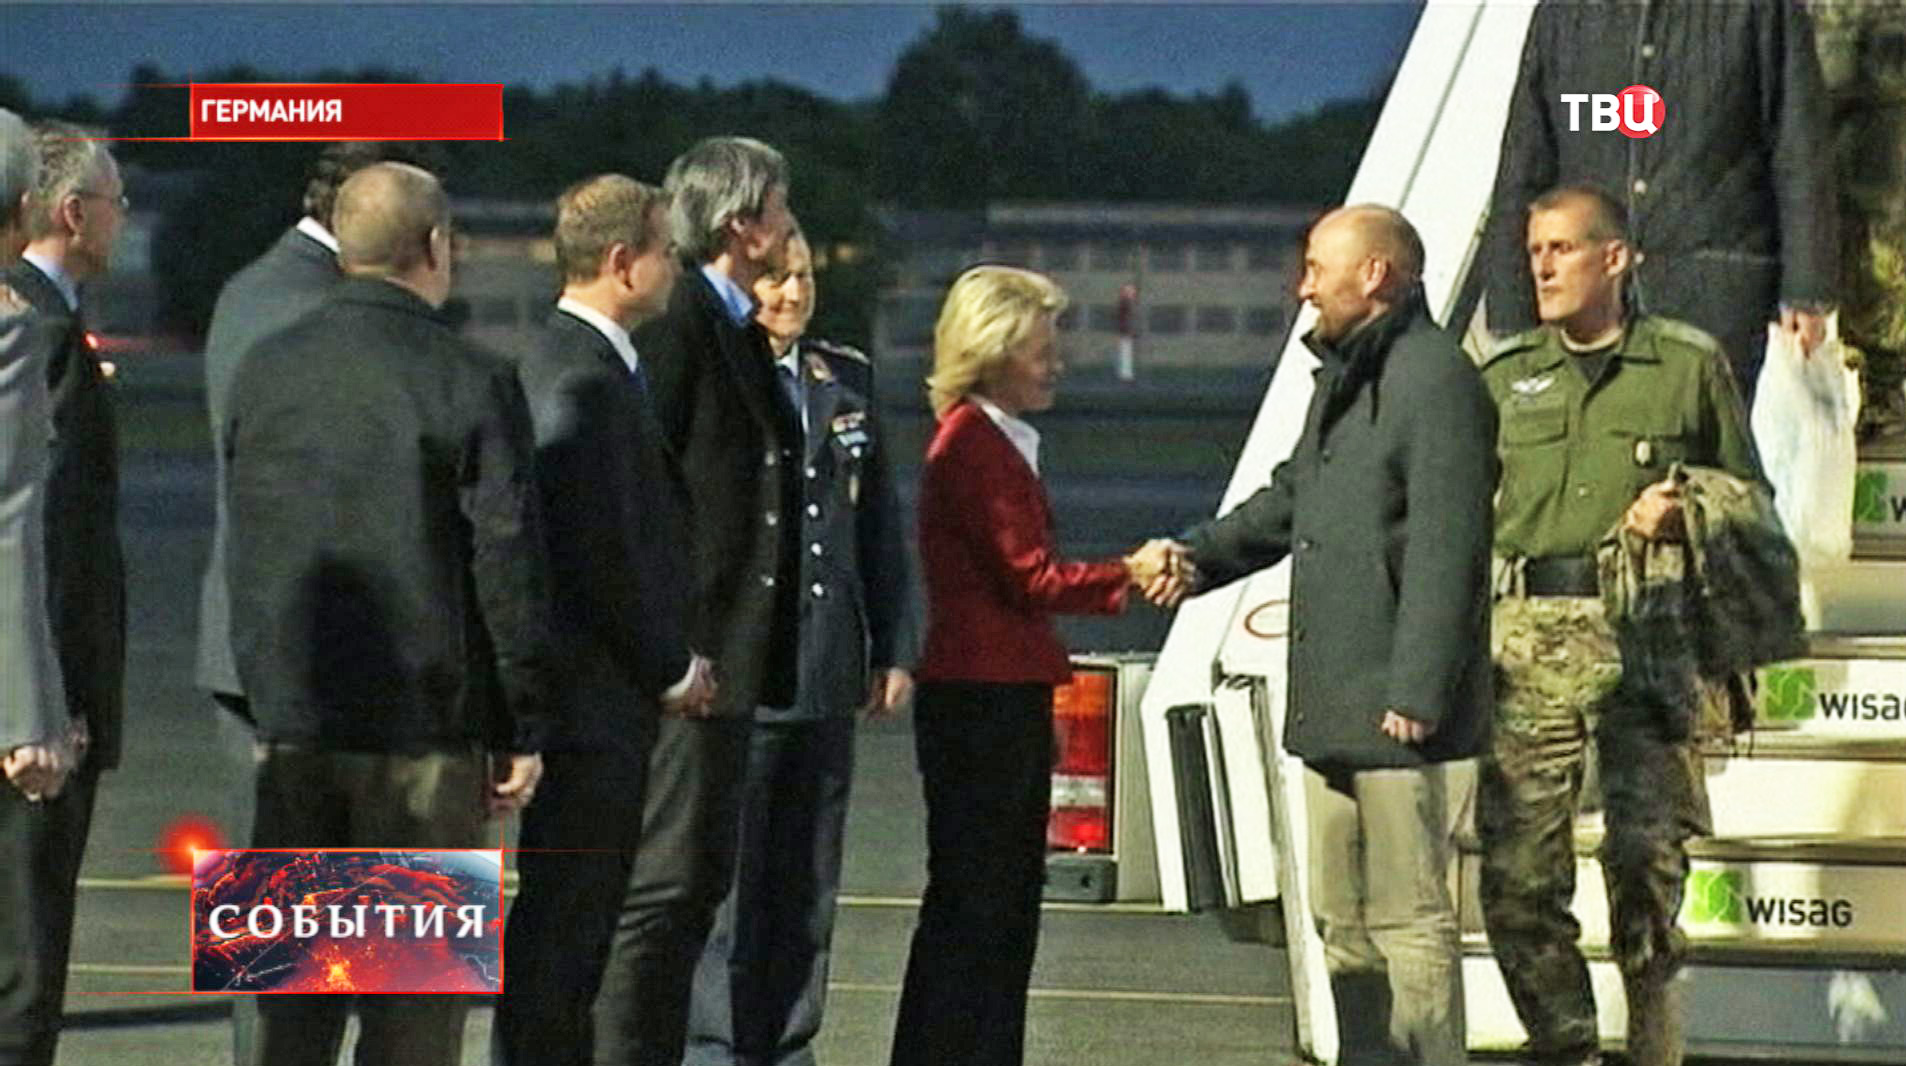 Наблюдатели ОБСЕ прибыли в Германию